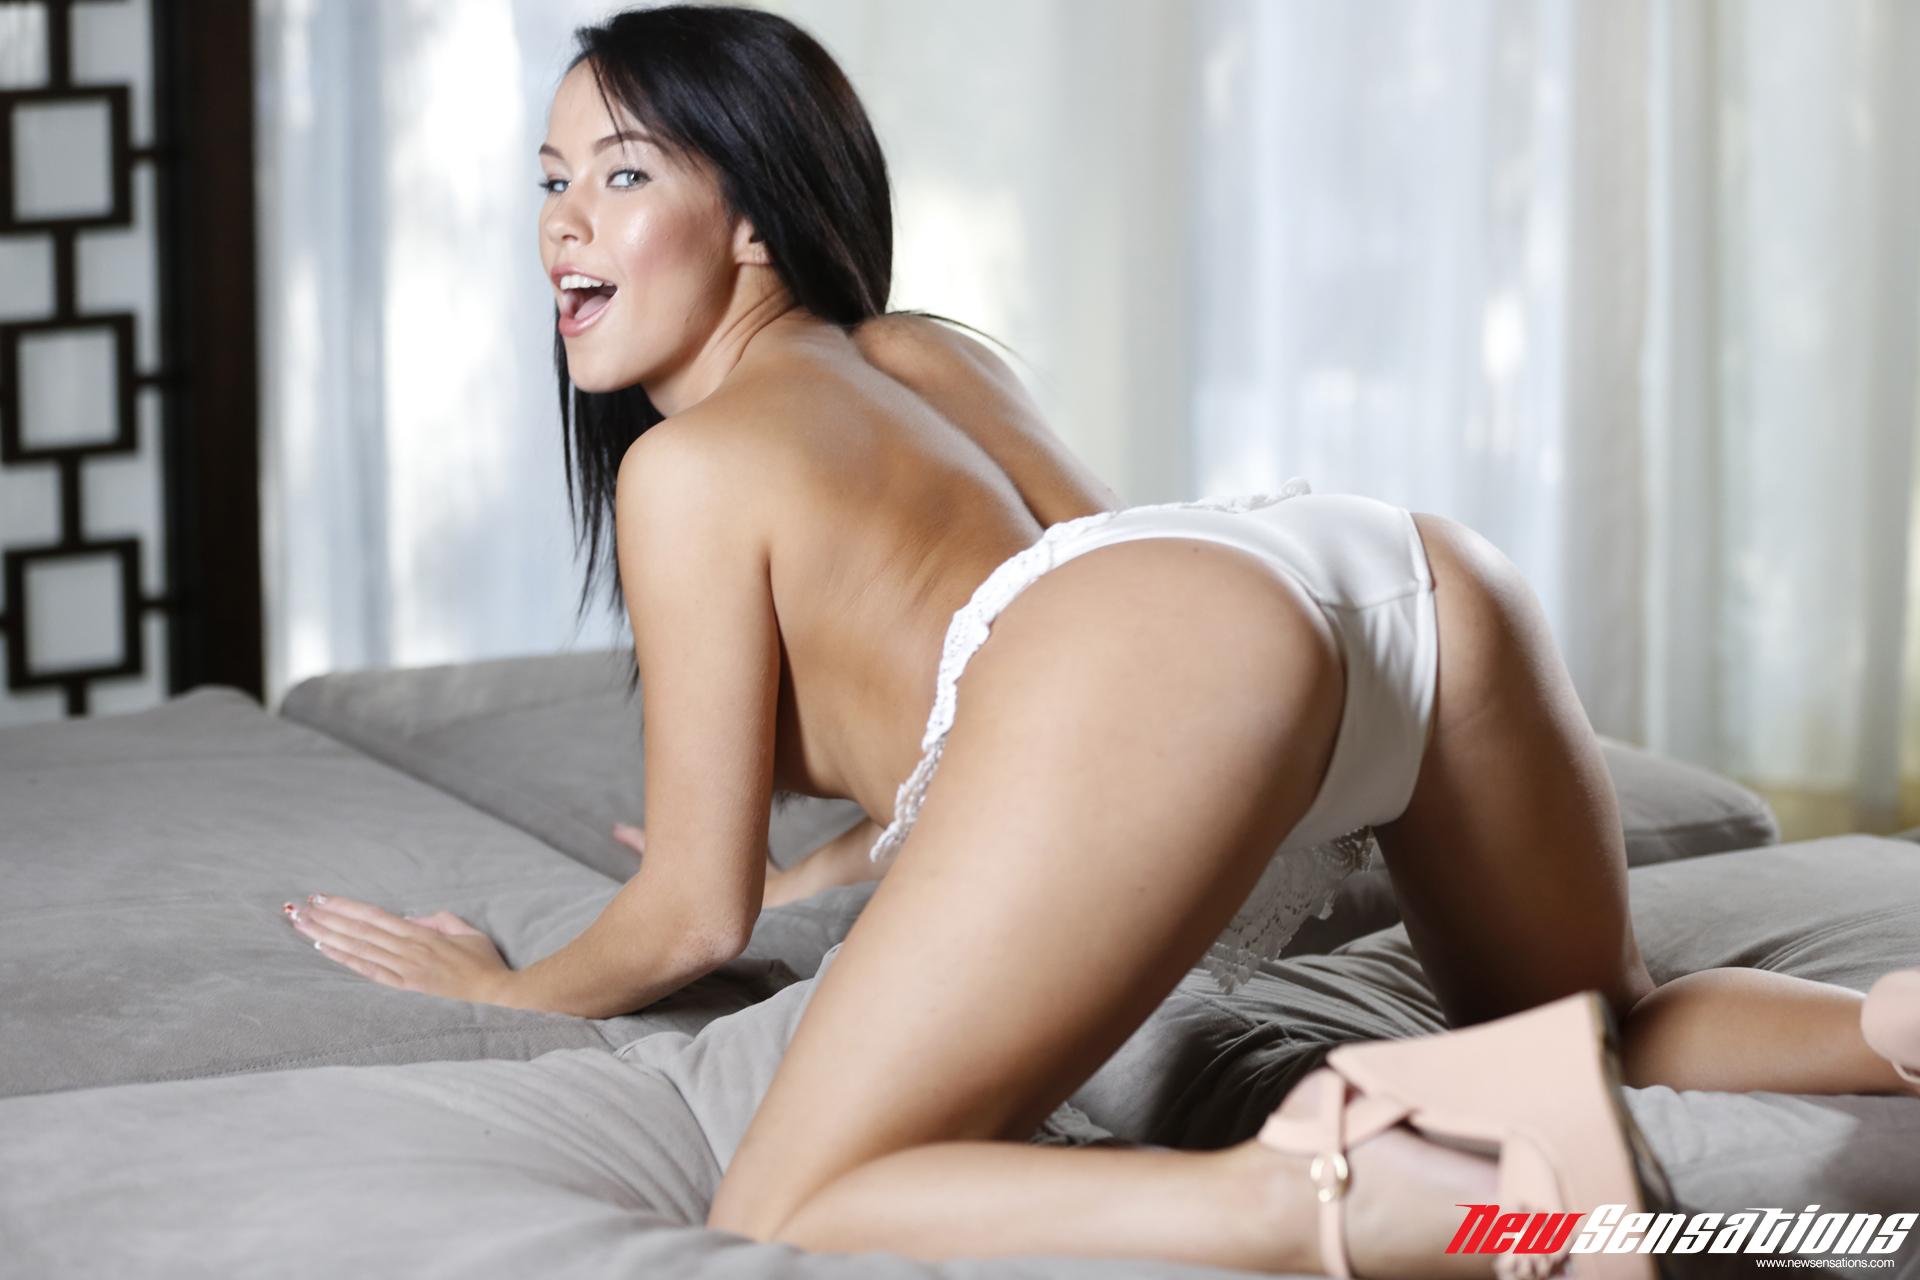 Amber Jensen Porn Star alex gonz in newsensations amber jensen – sadie & friends